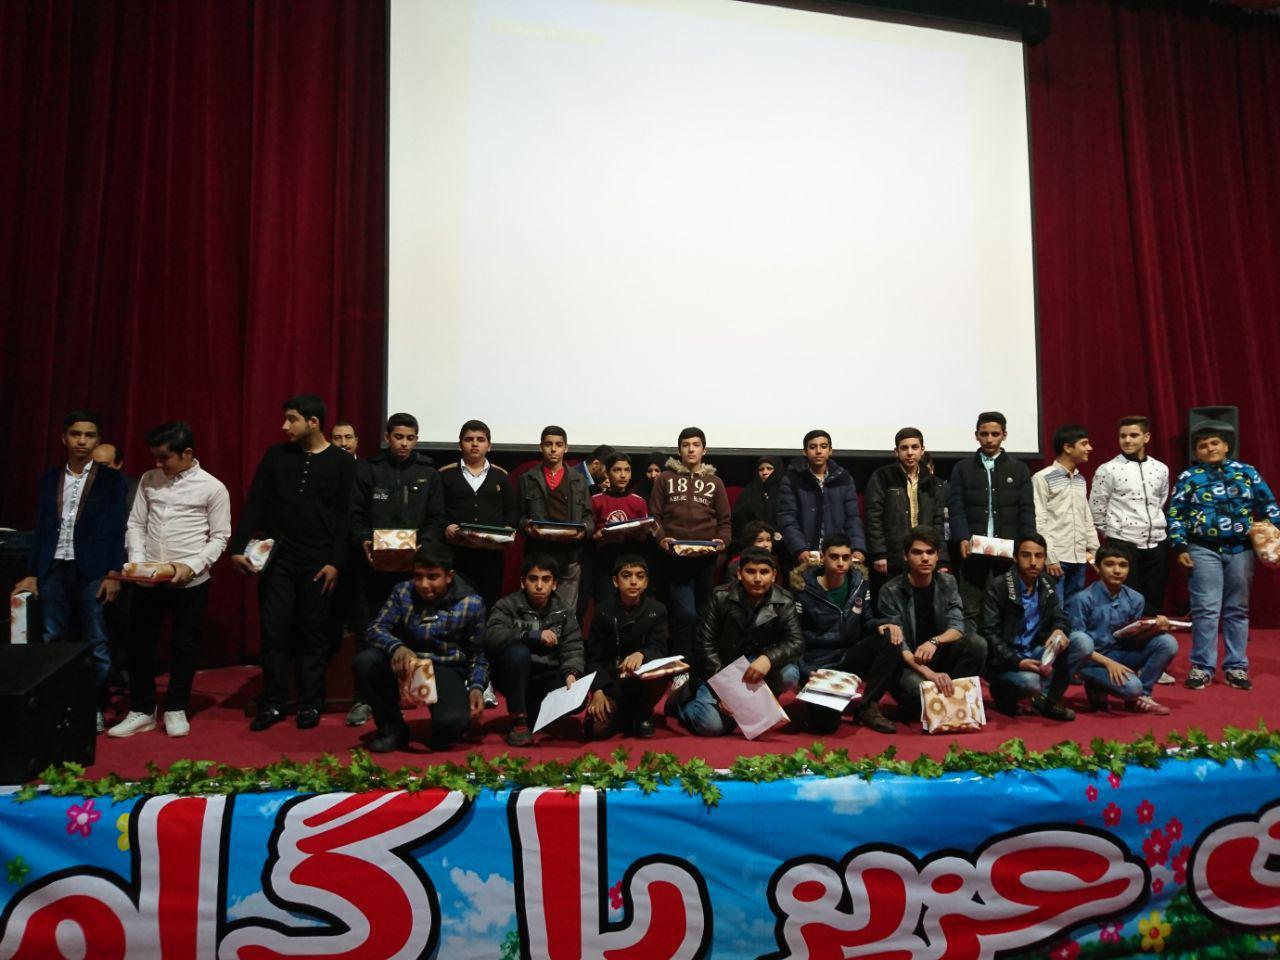 جشن تکلیف و تقدیر از دانش آموزان برتر دبیرستان شهدای صنف گردبافان در تالار شریعتی برگزار شد.